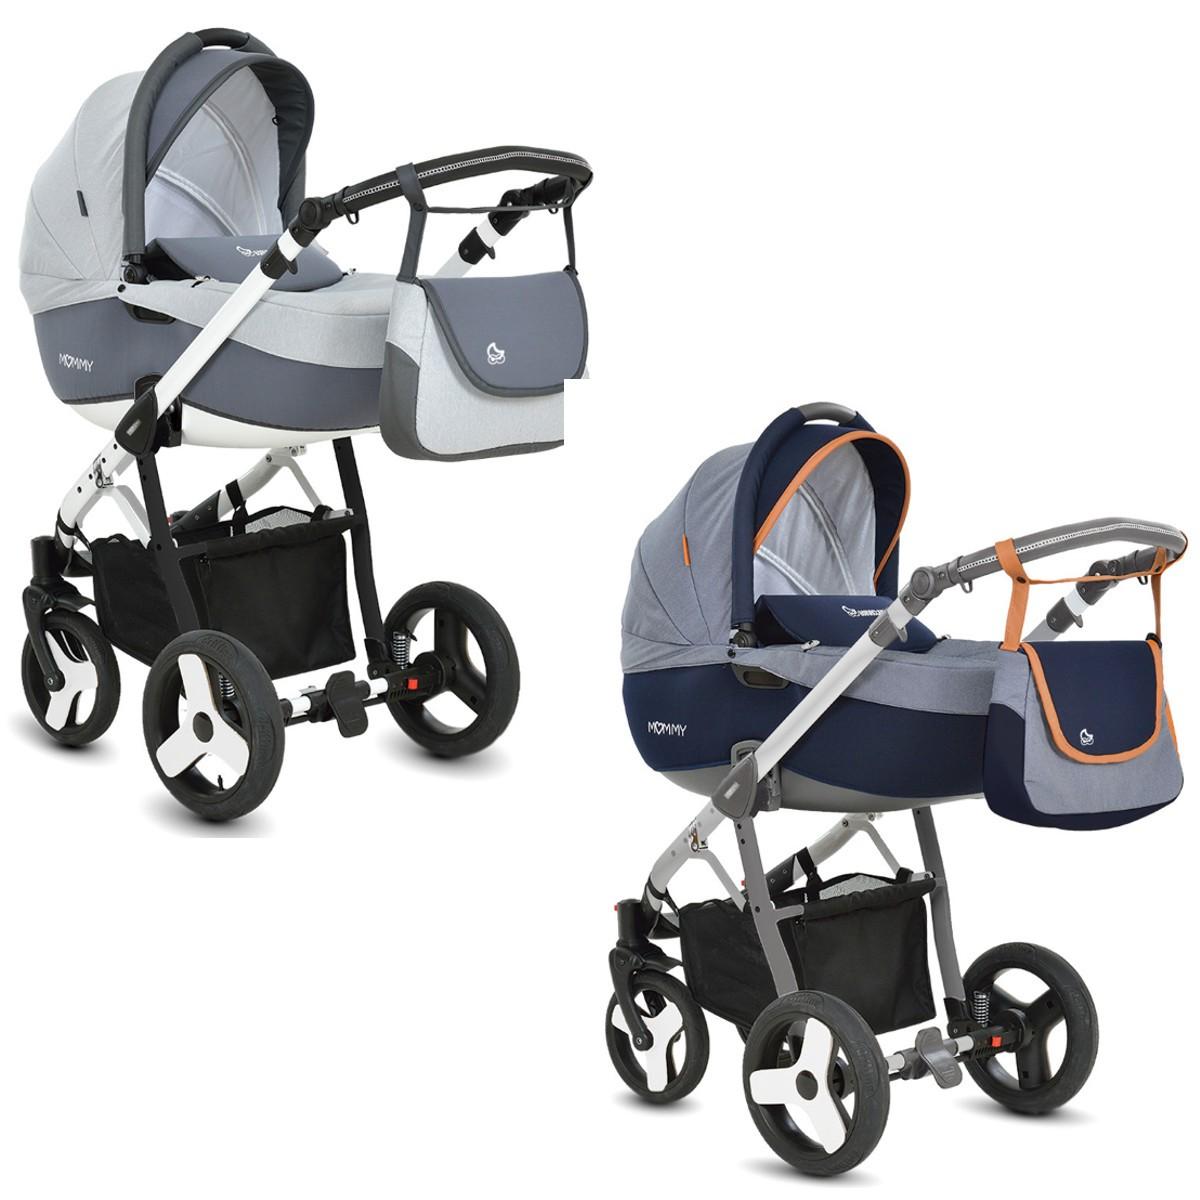 Kinderwagen 2 Kinder : mommy kombi kinderwagen 2in1 mit babywanne sportwagenaufsatz buggy 4 farben ~ Watch28wear.com Haus und Dekorationen